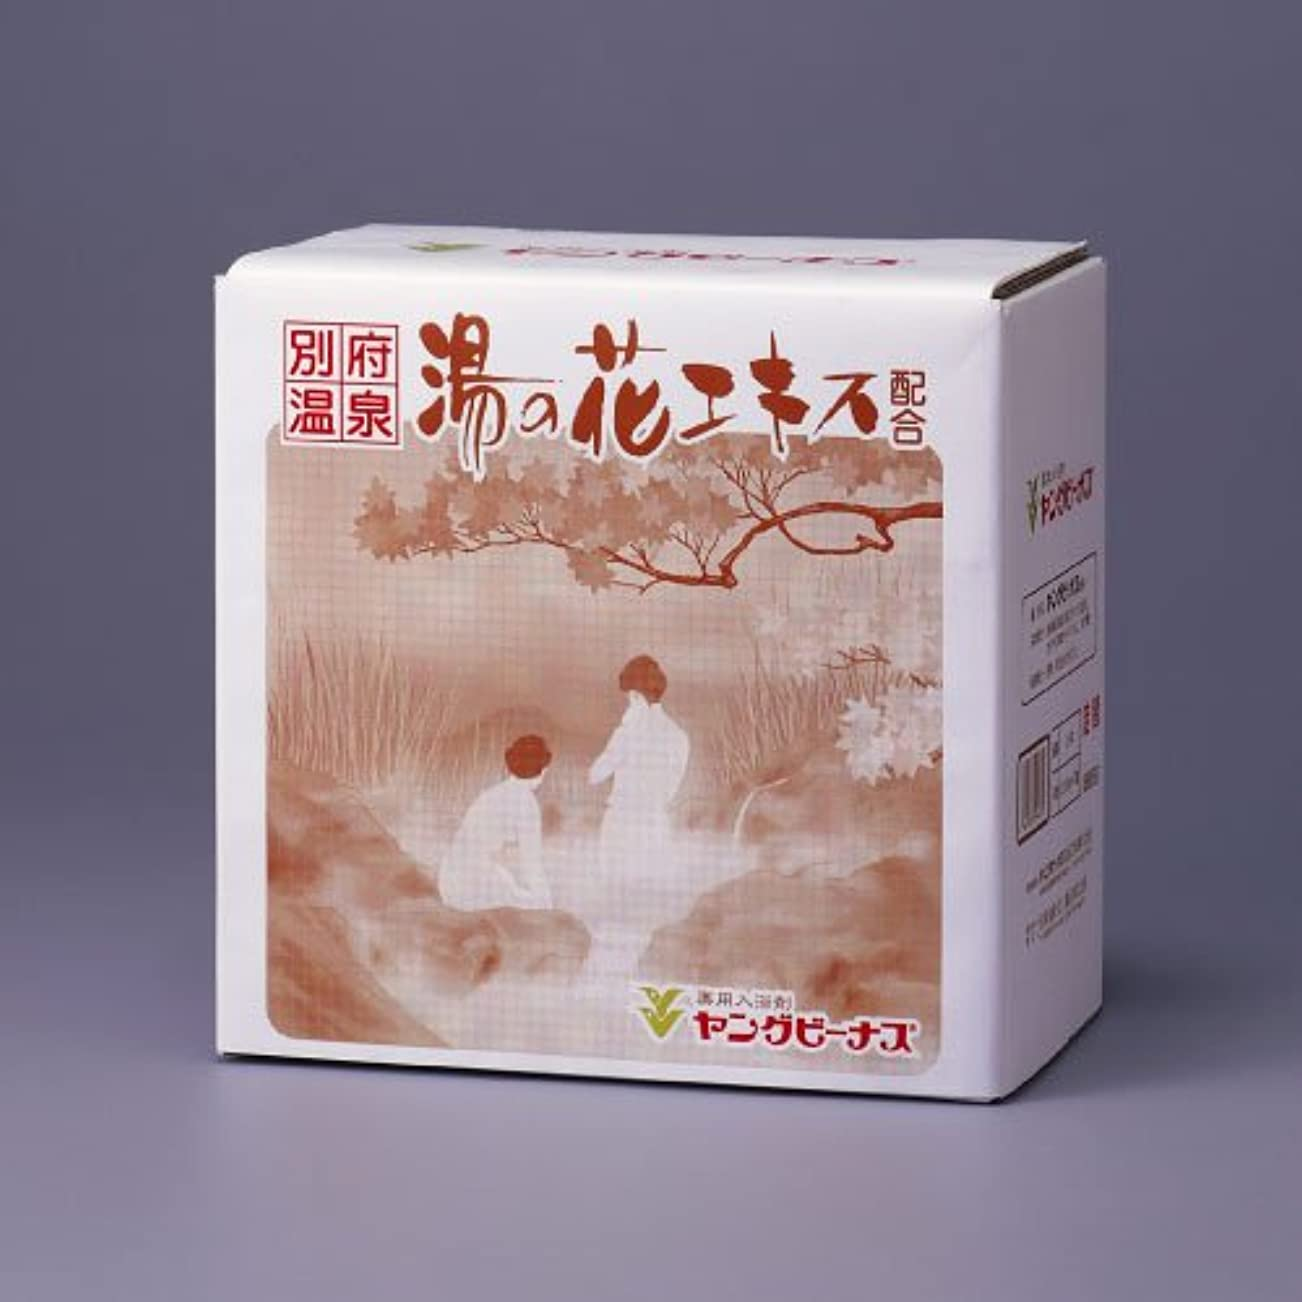 セールアシストドアミラー薬用入浴剤ヤングビーナスSv C-60【5.6kg】(詰替2.8kg2袋) [医薬部外品]